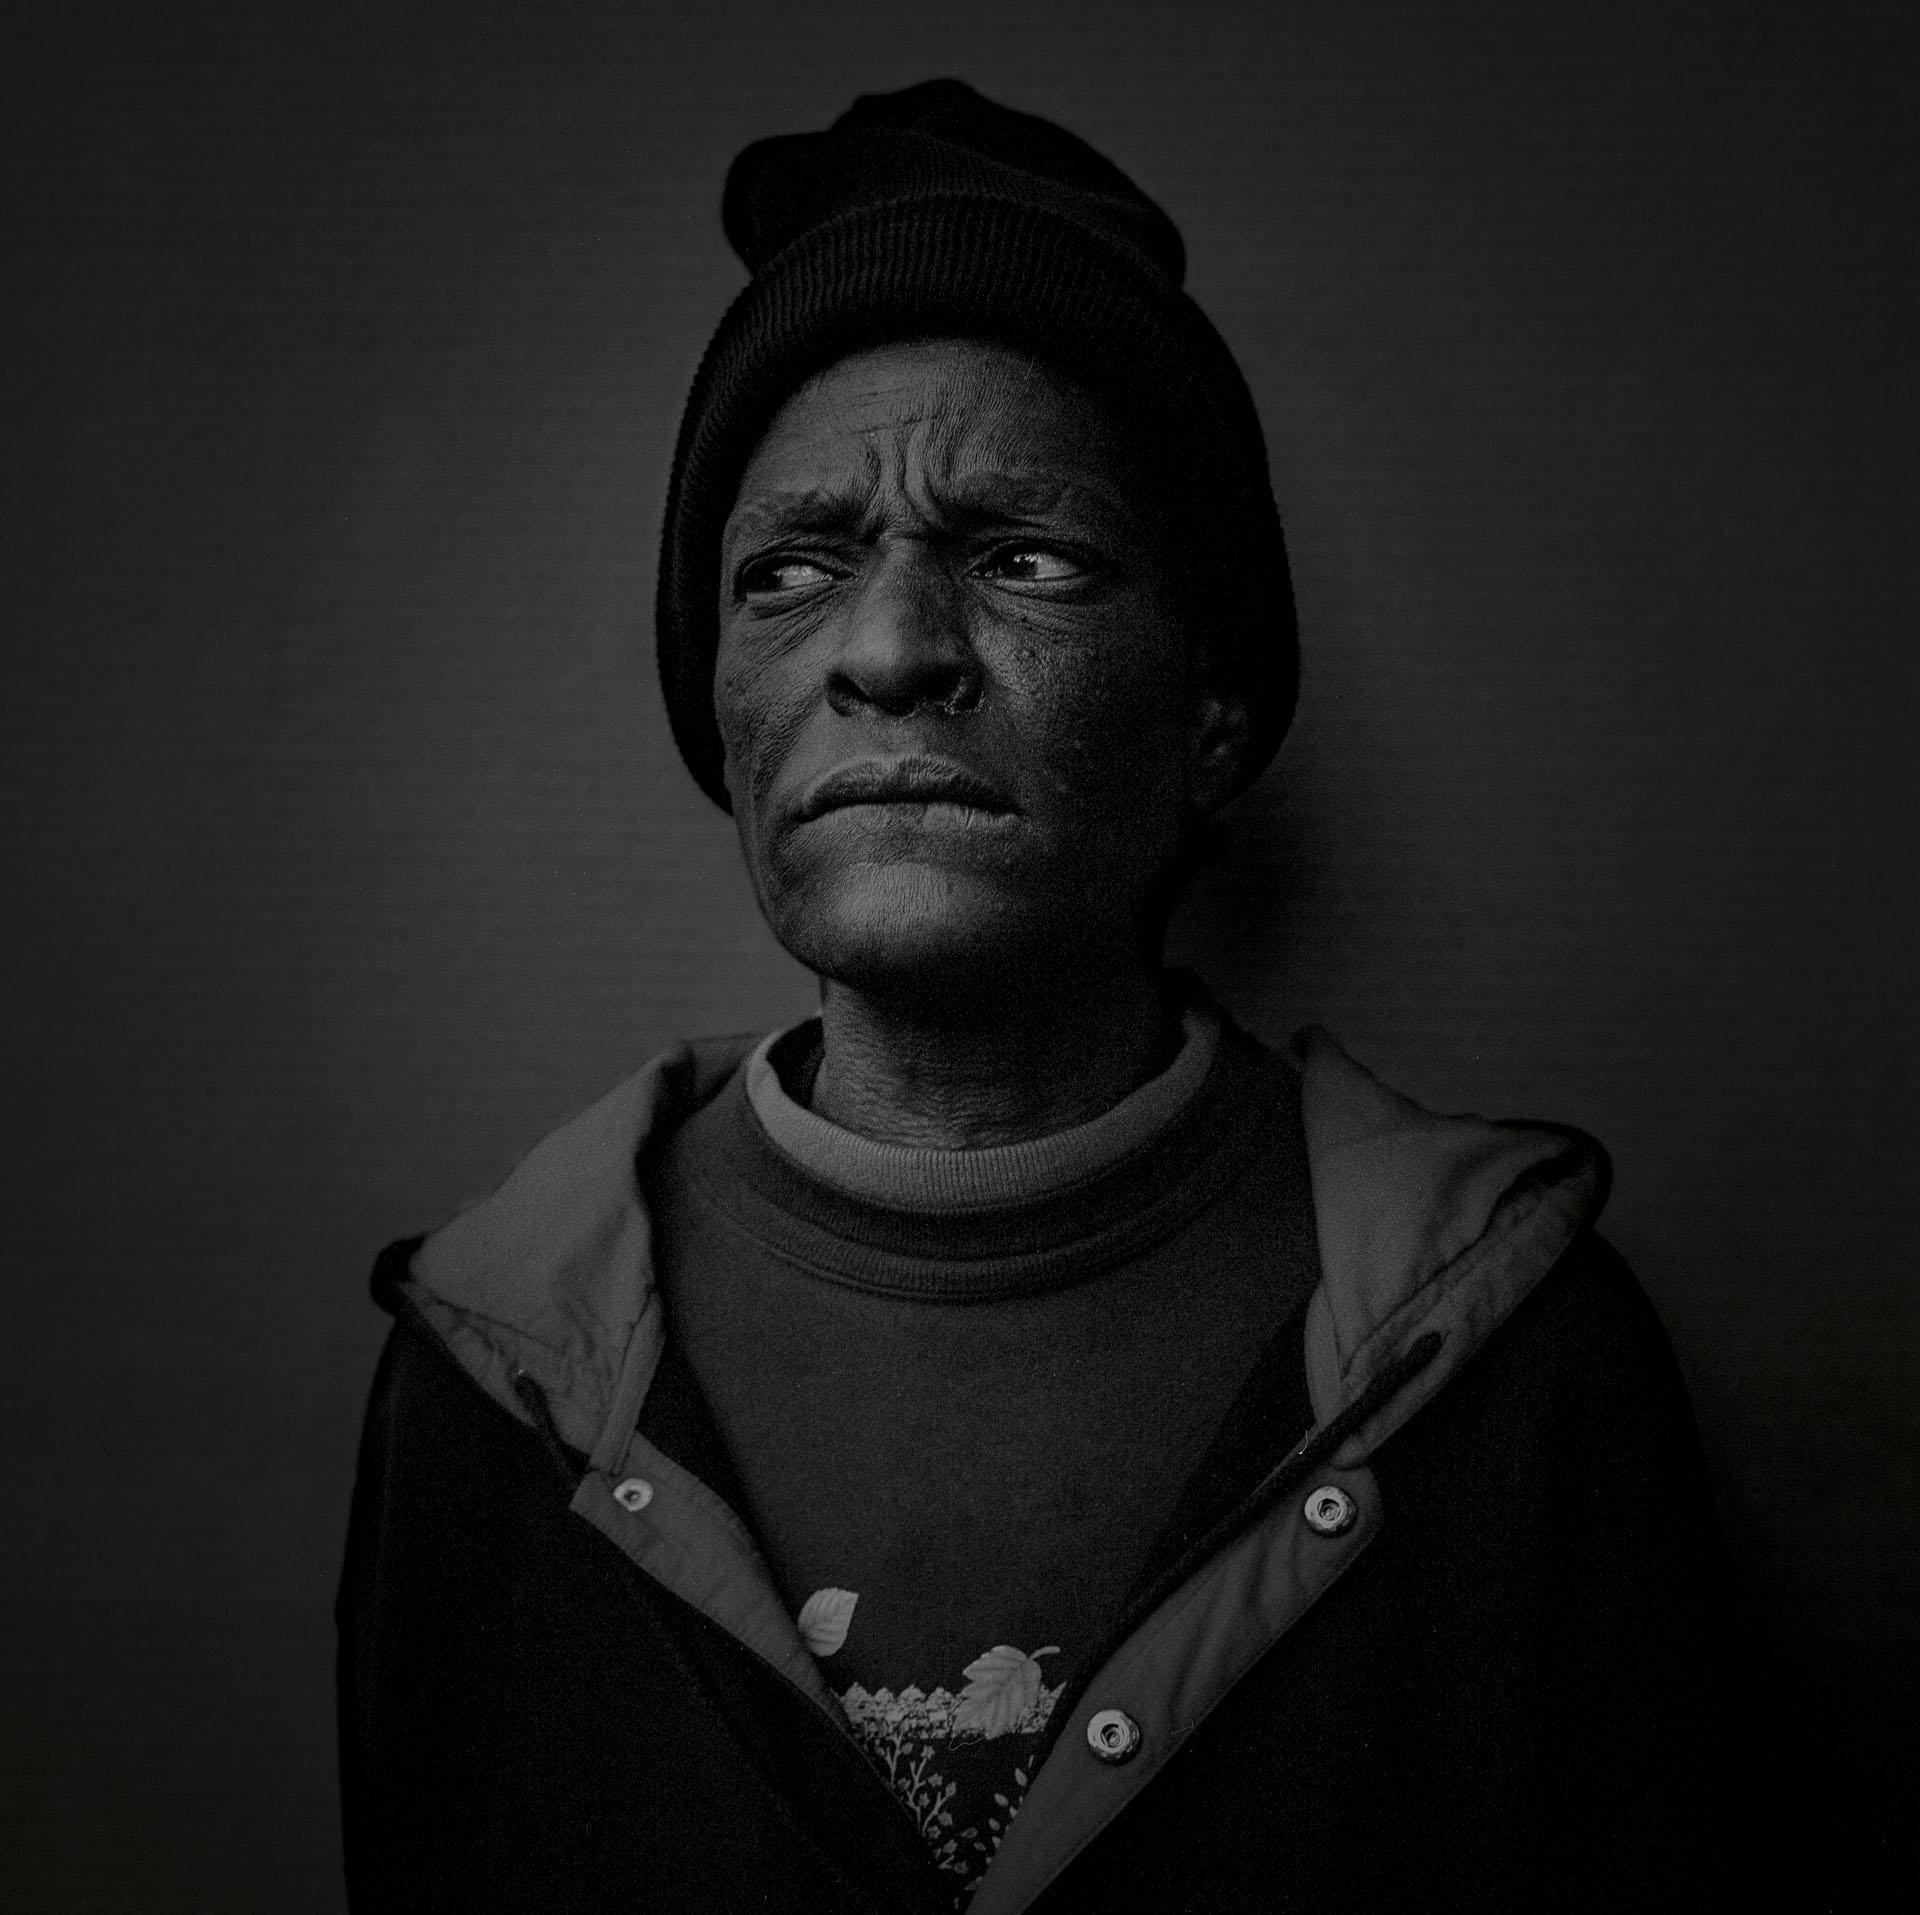 homeless 35